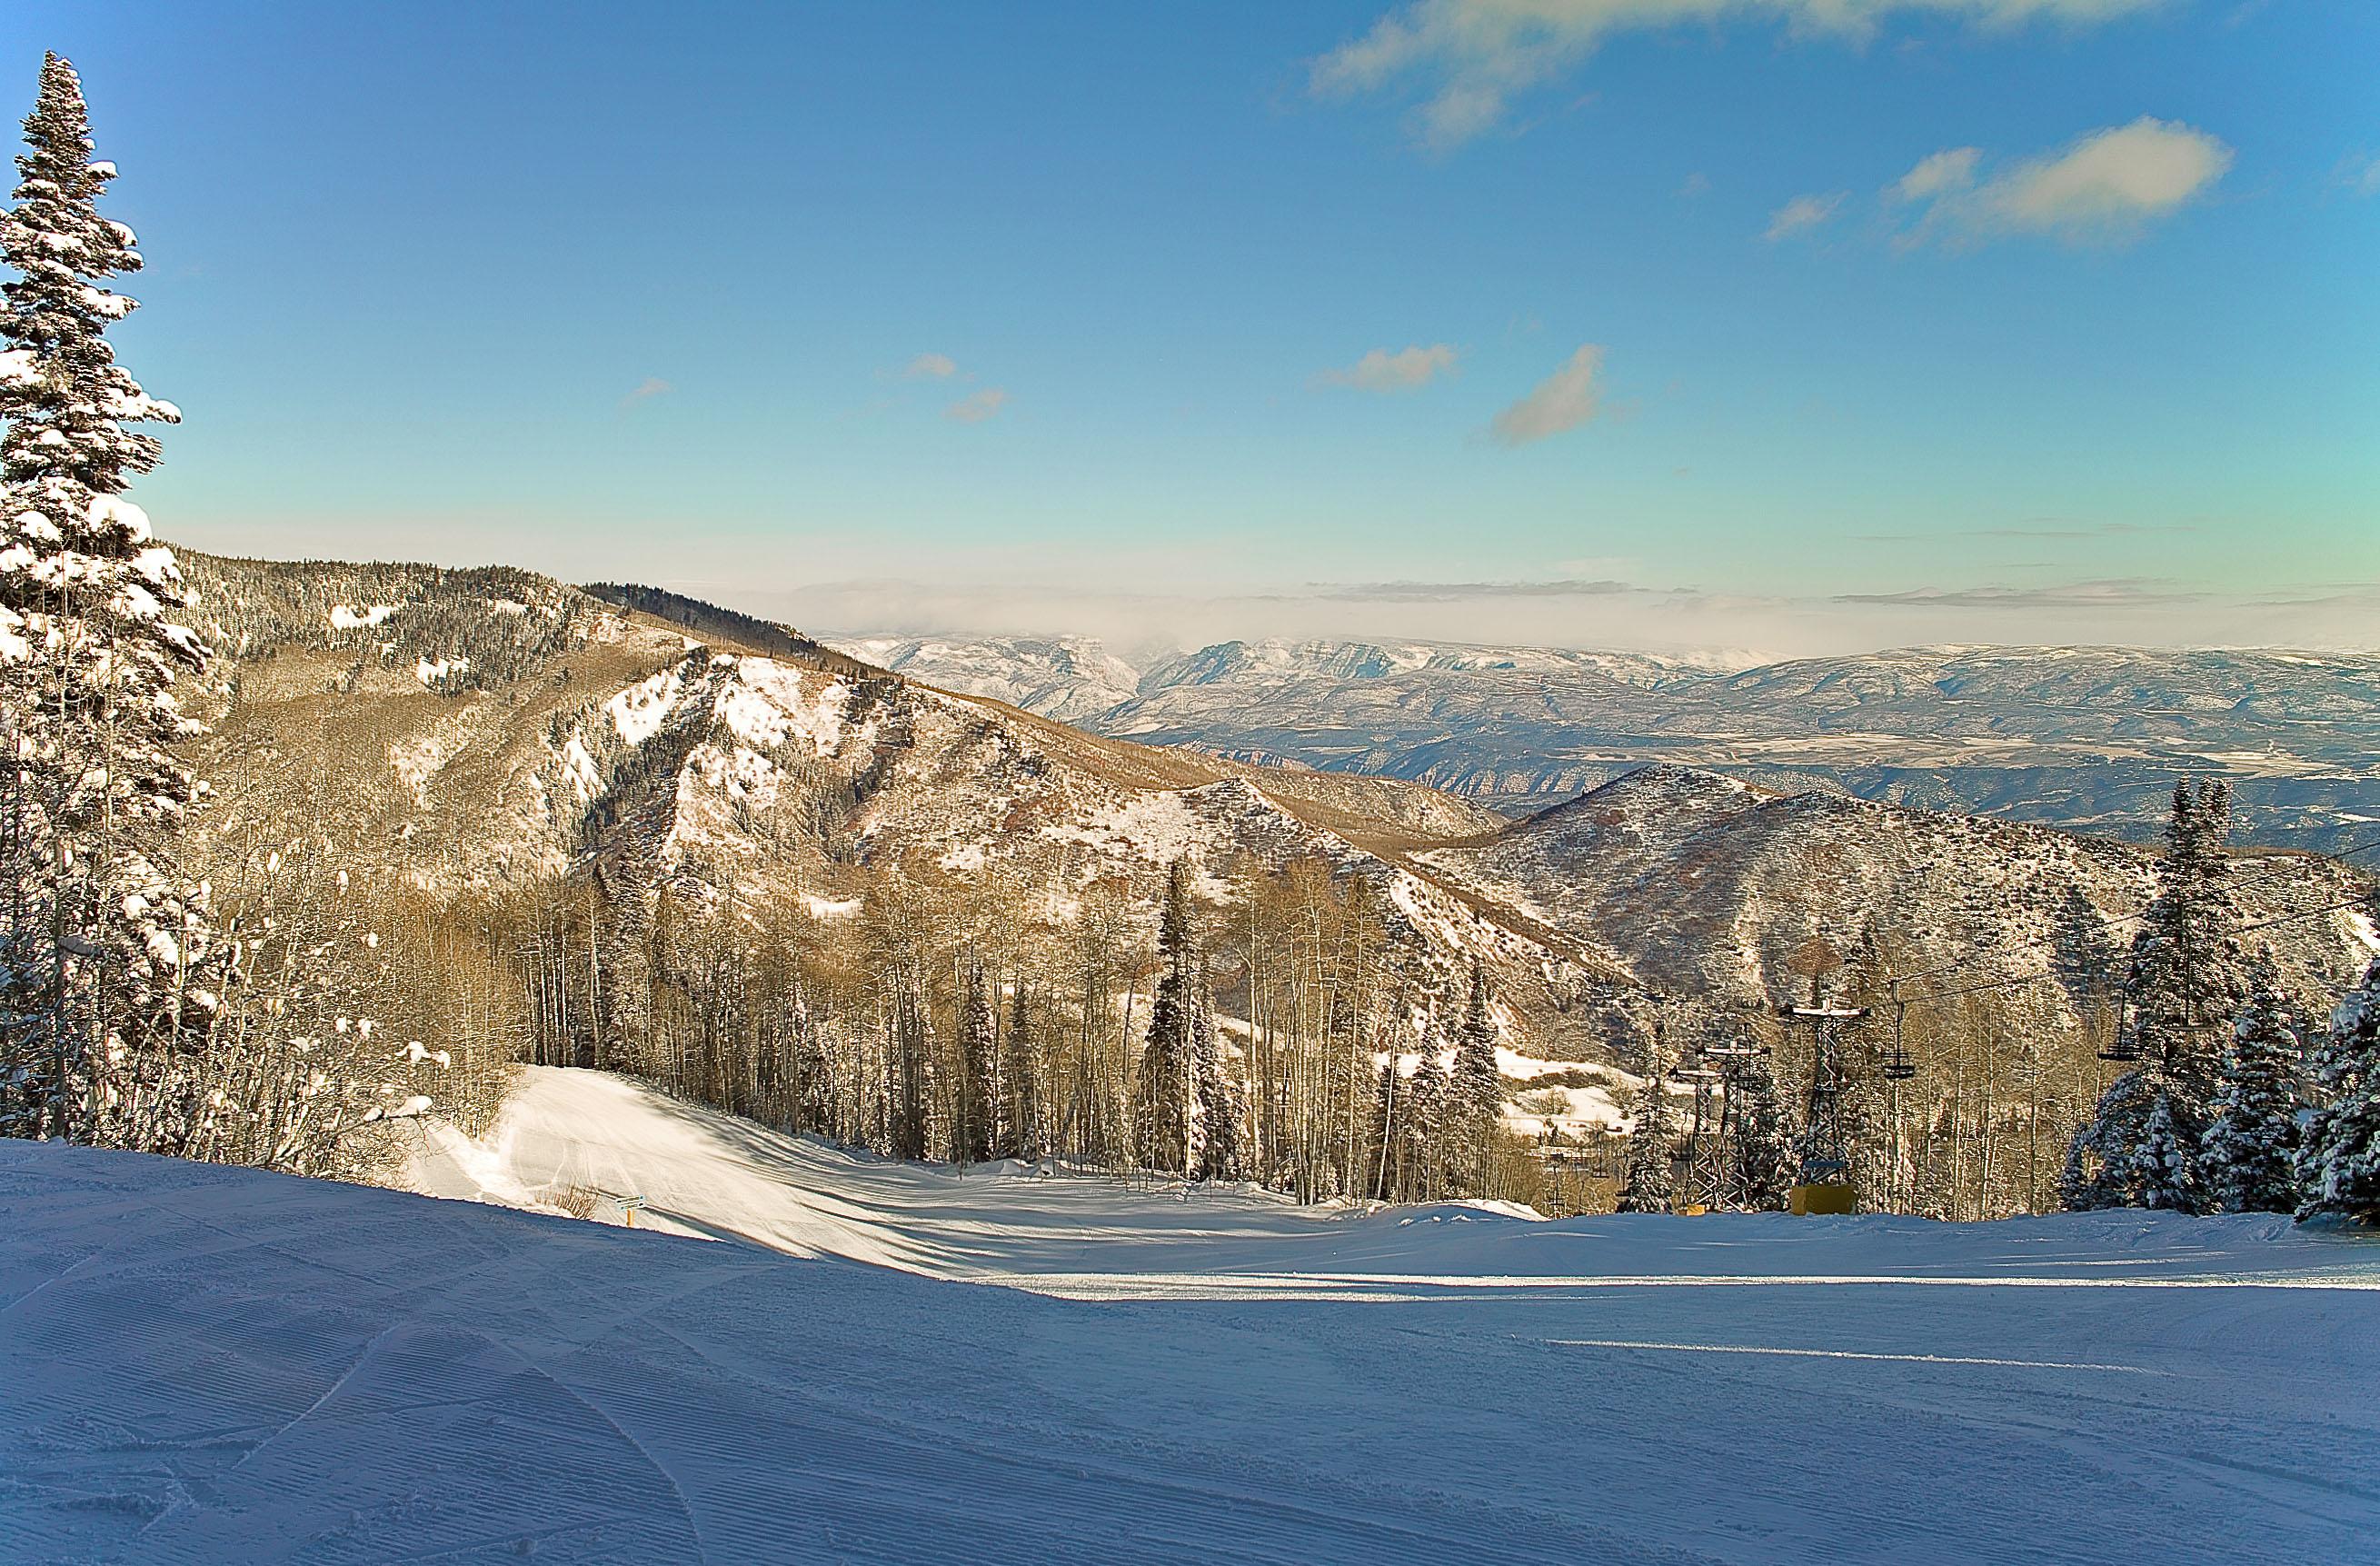 New Years Day 2011, Sunlight Ski, Glenwood Springs